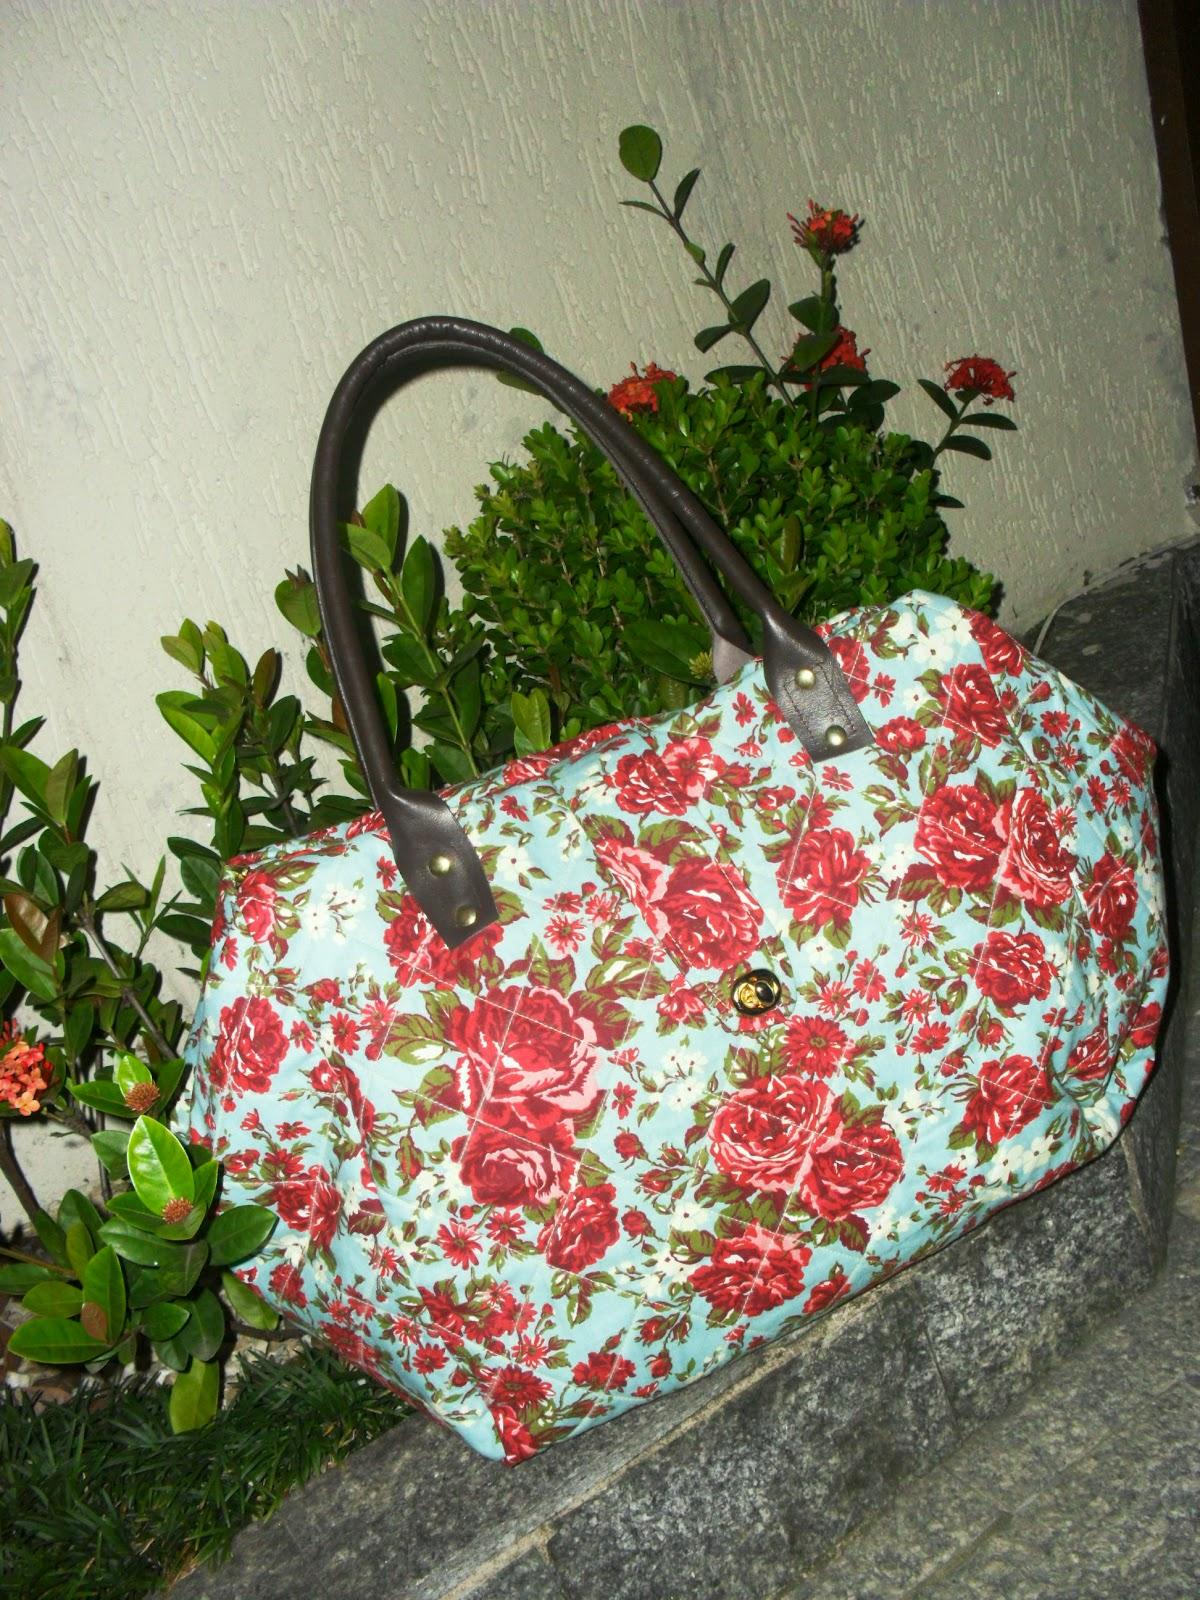 Bolsa De Tecido Linda : Fazendo arte bolsa em tecido florido linda